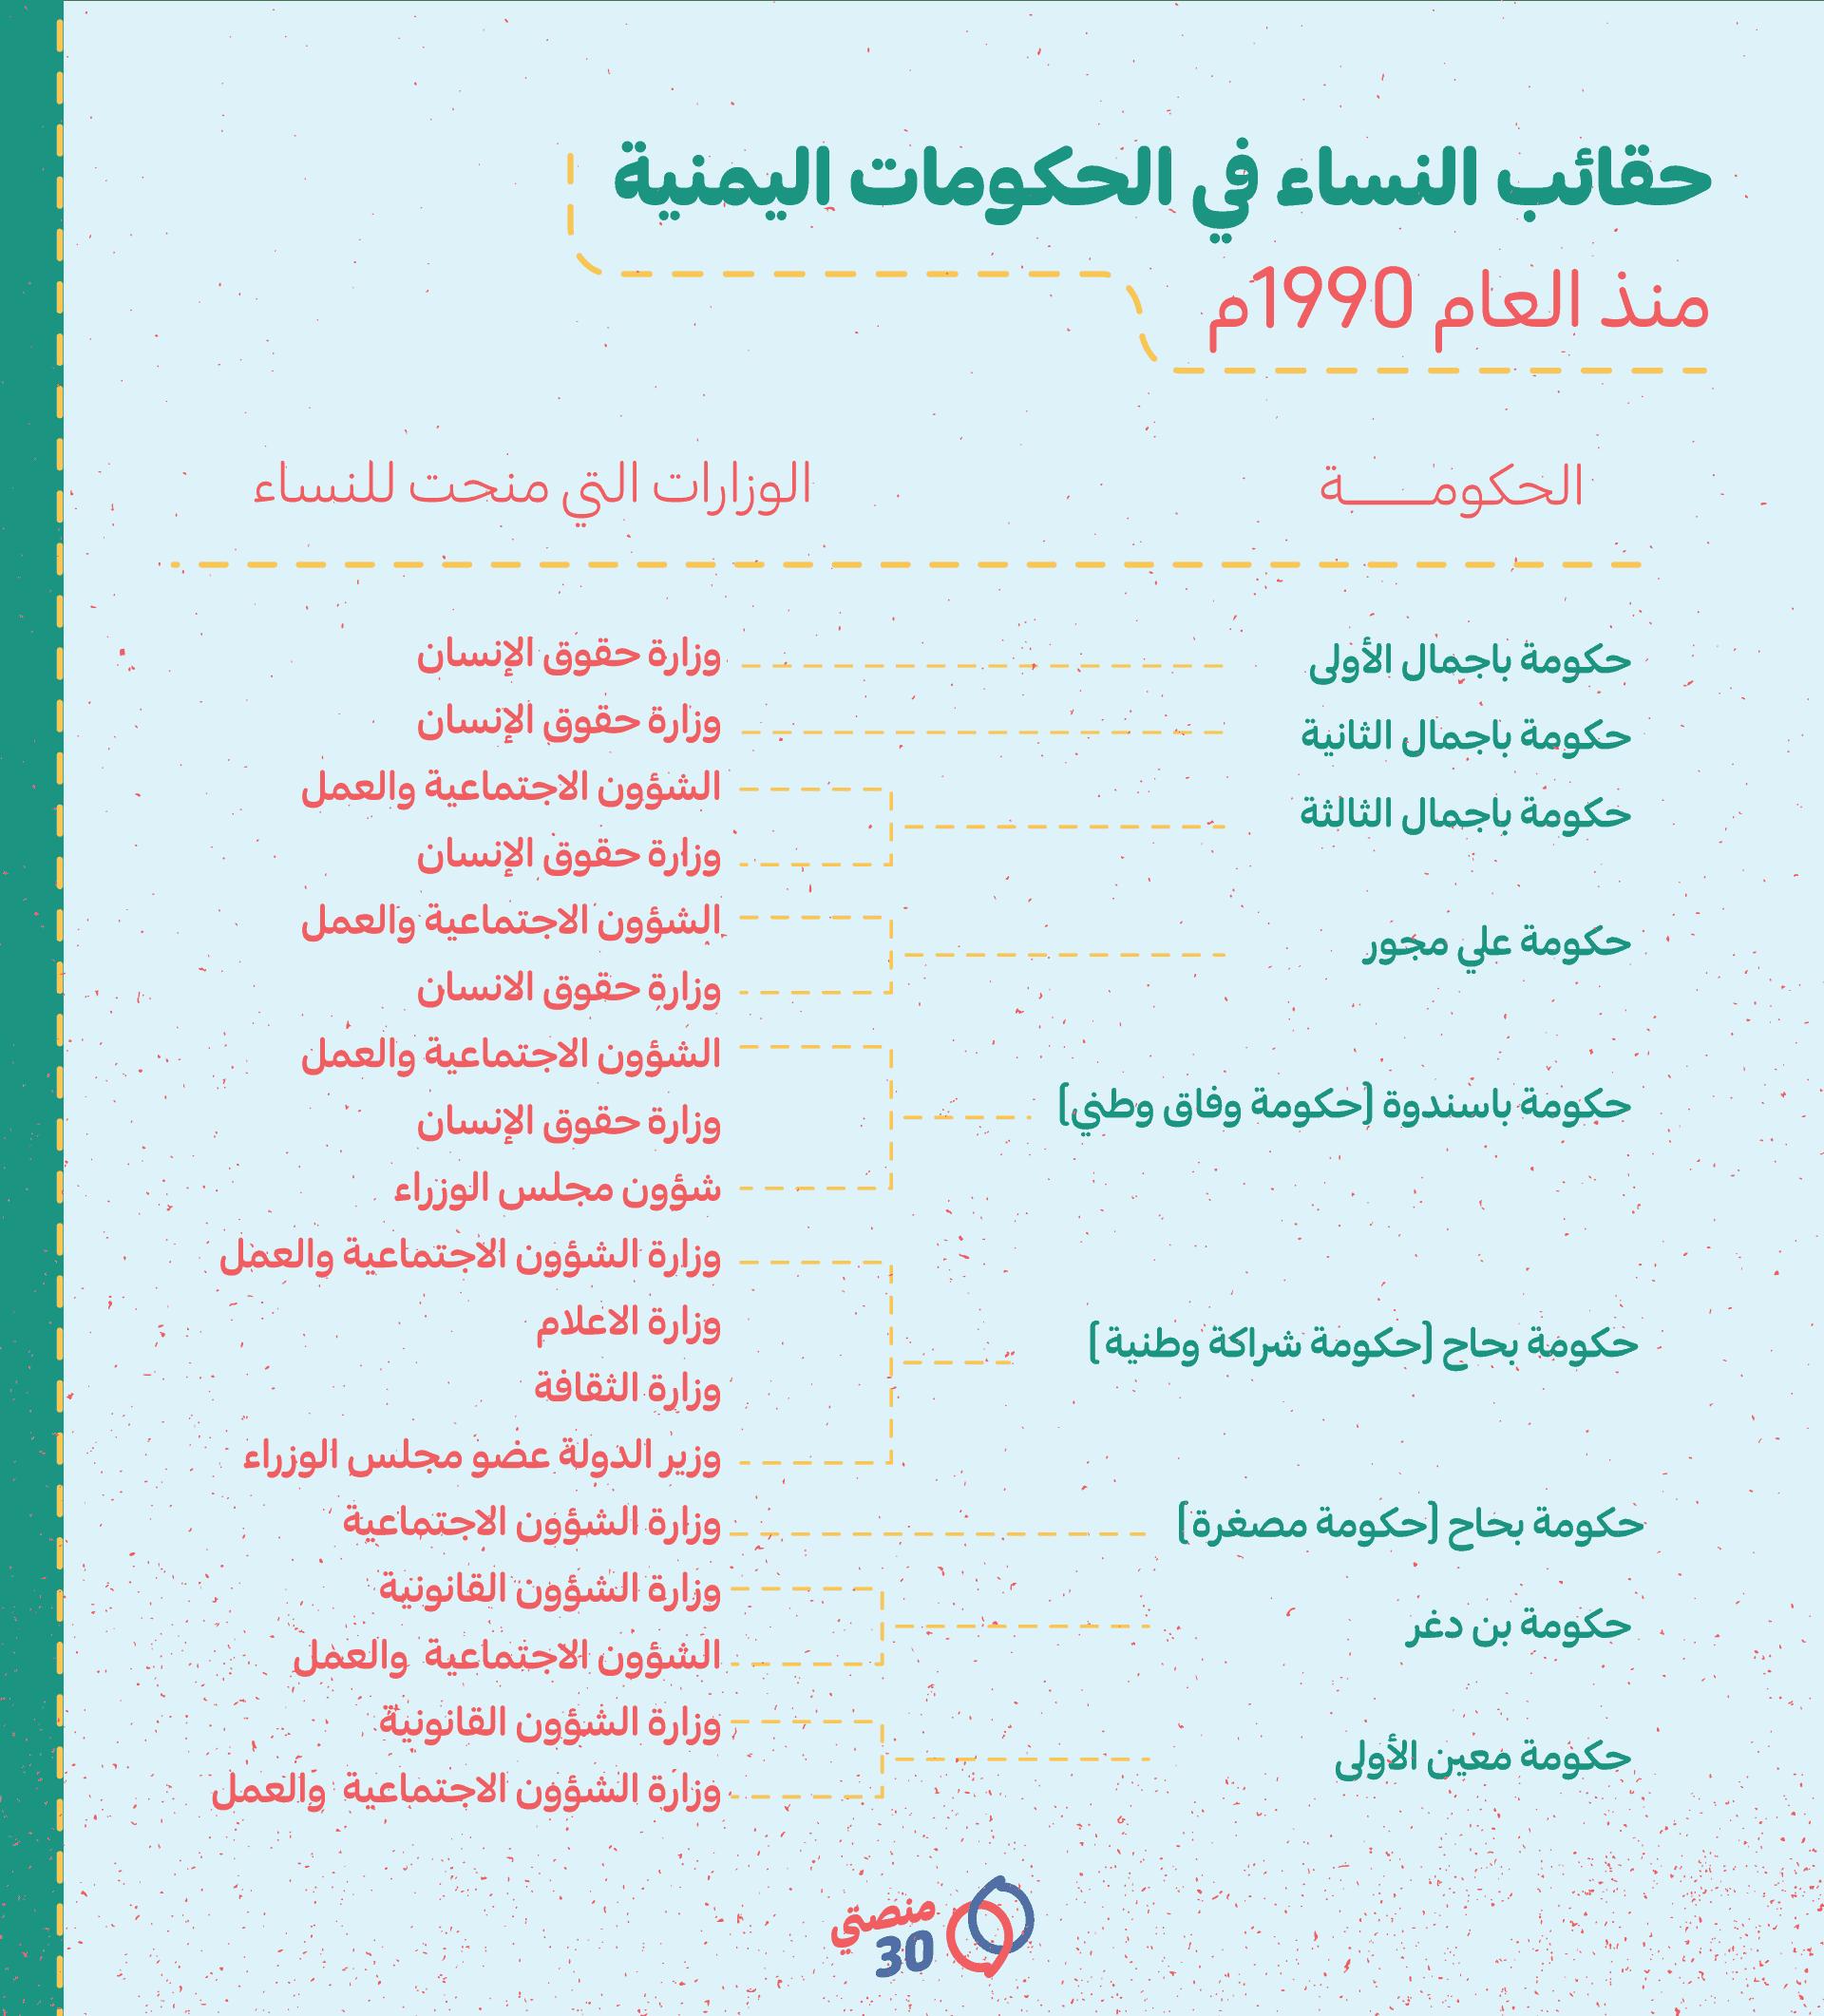 الوزارات التي منحت للنساء في بعض الحكومات